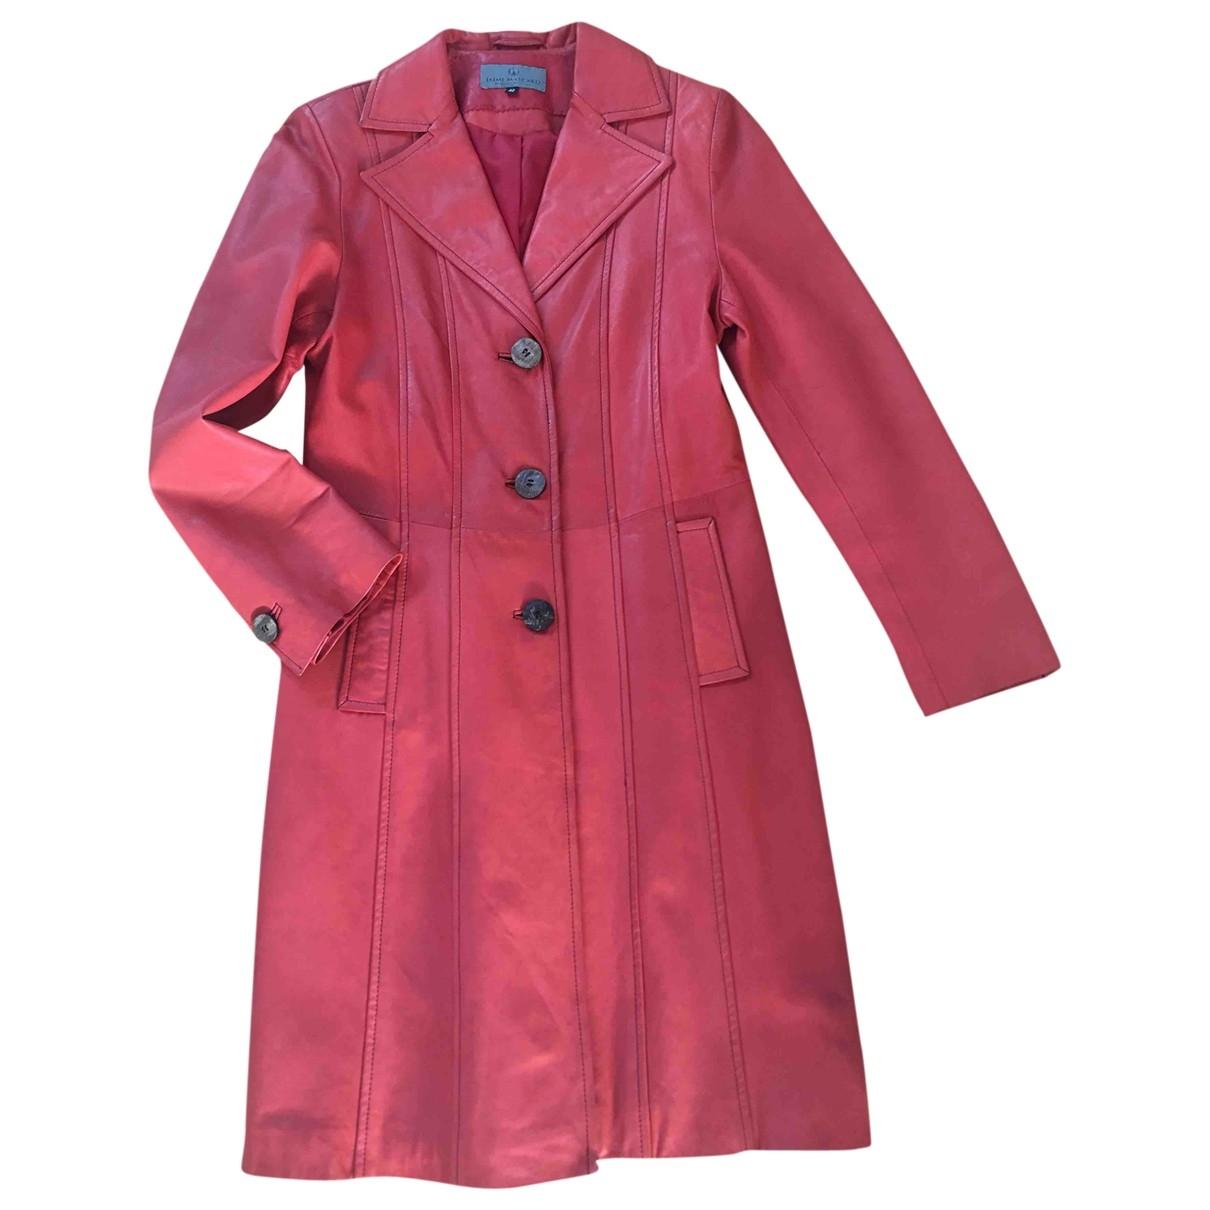 Jaime Mascaro - Manteau   pour femme en cuir